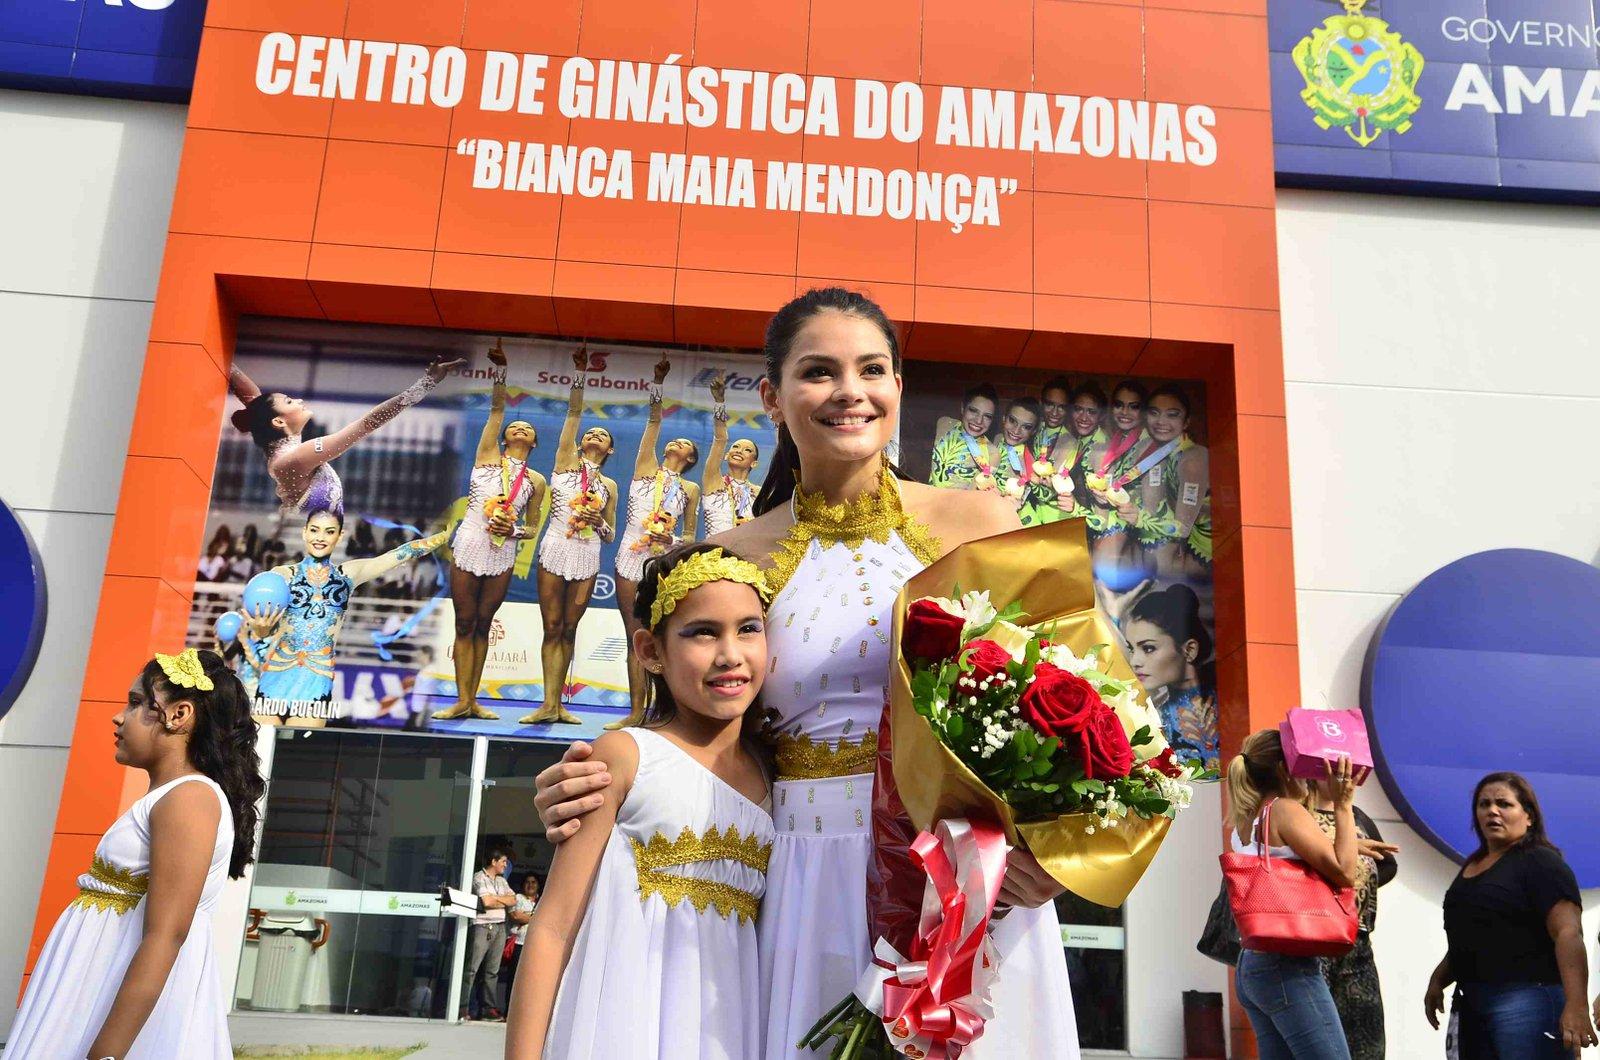 Ex-ginasta da seleção brasileira, Bianca Maia Mendonça ministra Clínica de Iniciação em Ginástica Rítmica em Manaus